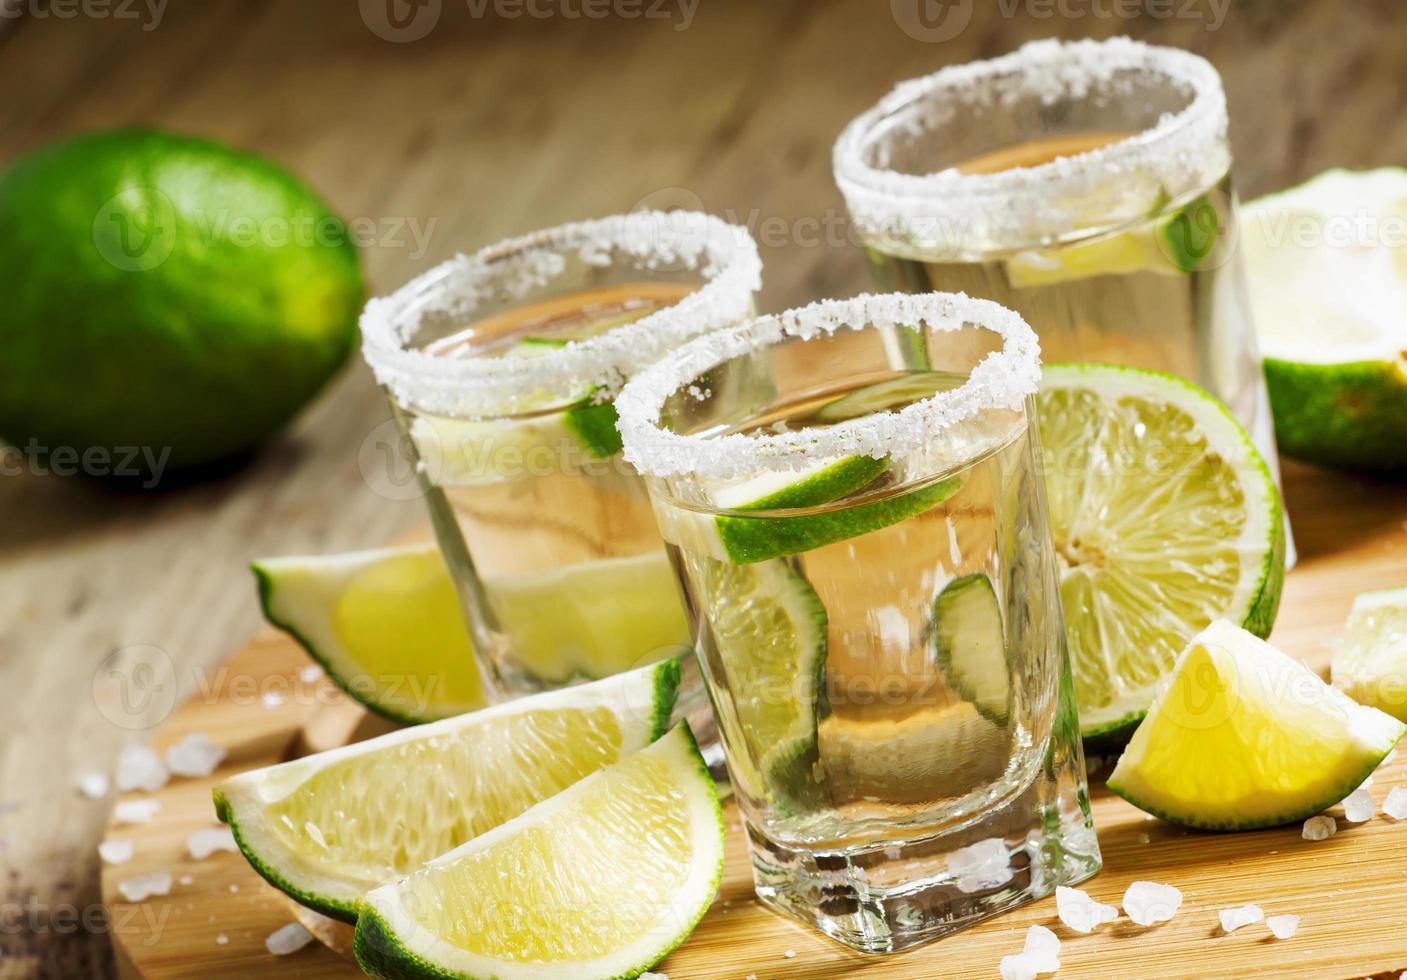 prata tequila mexicana com limão e sal foto